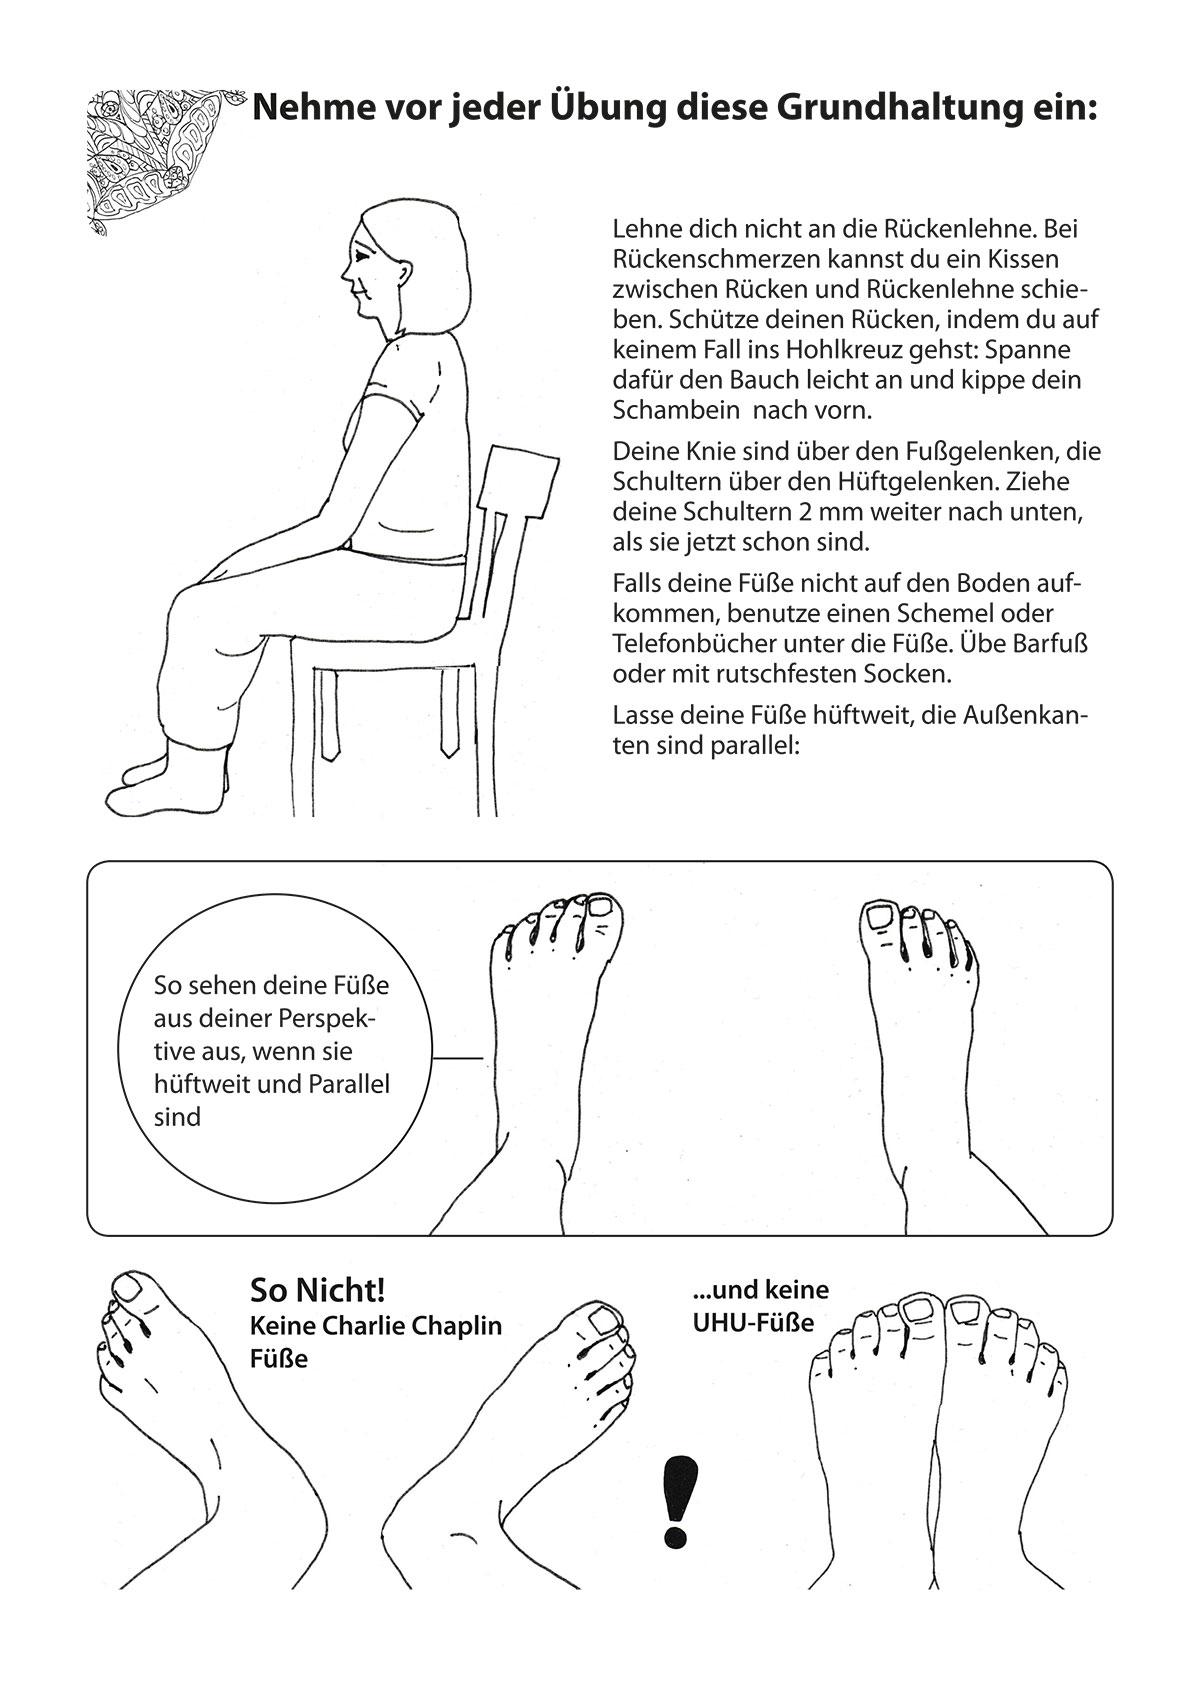 """Auszug aus dem Übungsheft """"Yoga auf und mit dem Stuhl"""" von Michelle Laise mit Zeichnungen zur Grundhaltung beim Yoga im Sitzen (Füße)"""